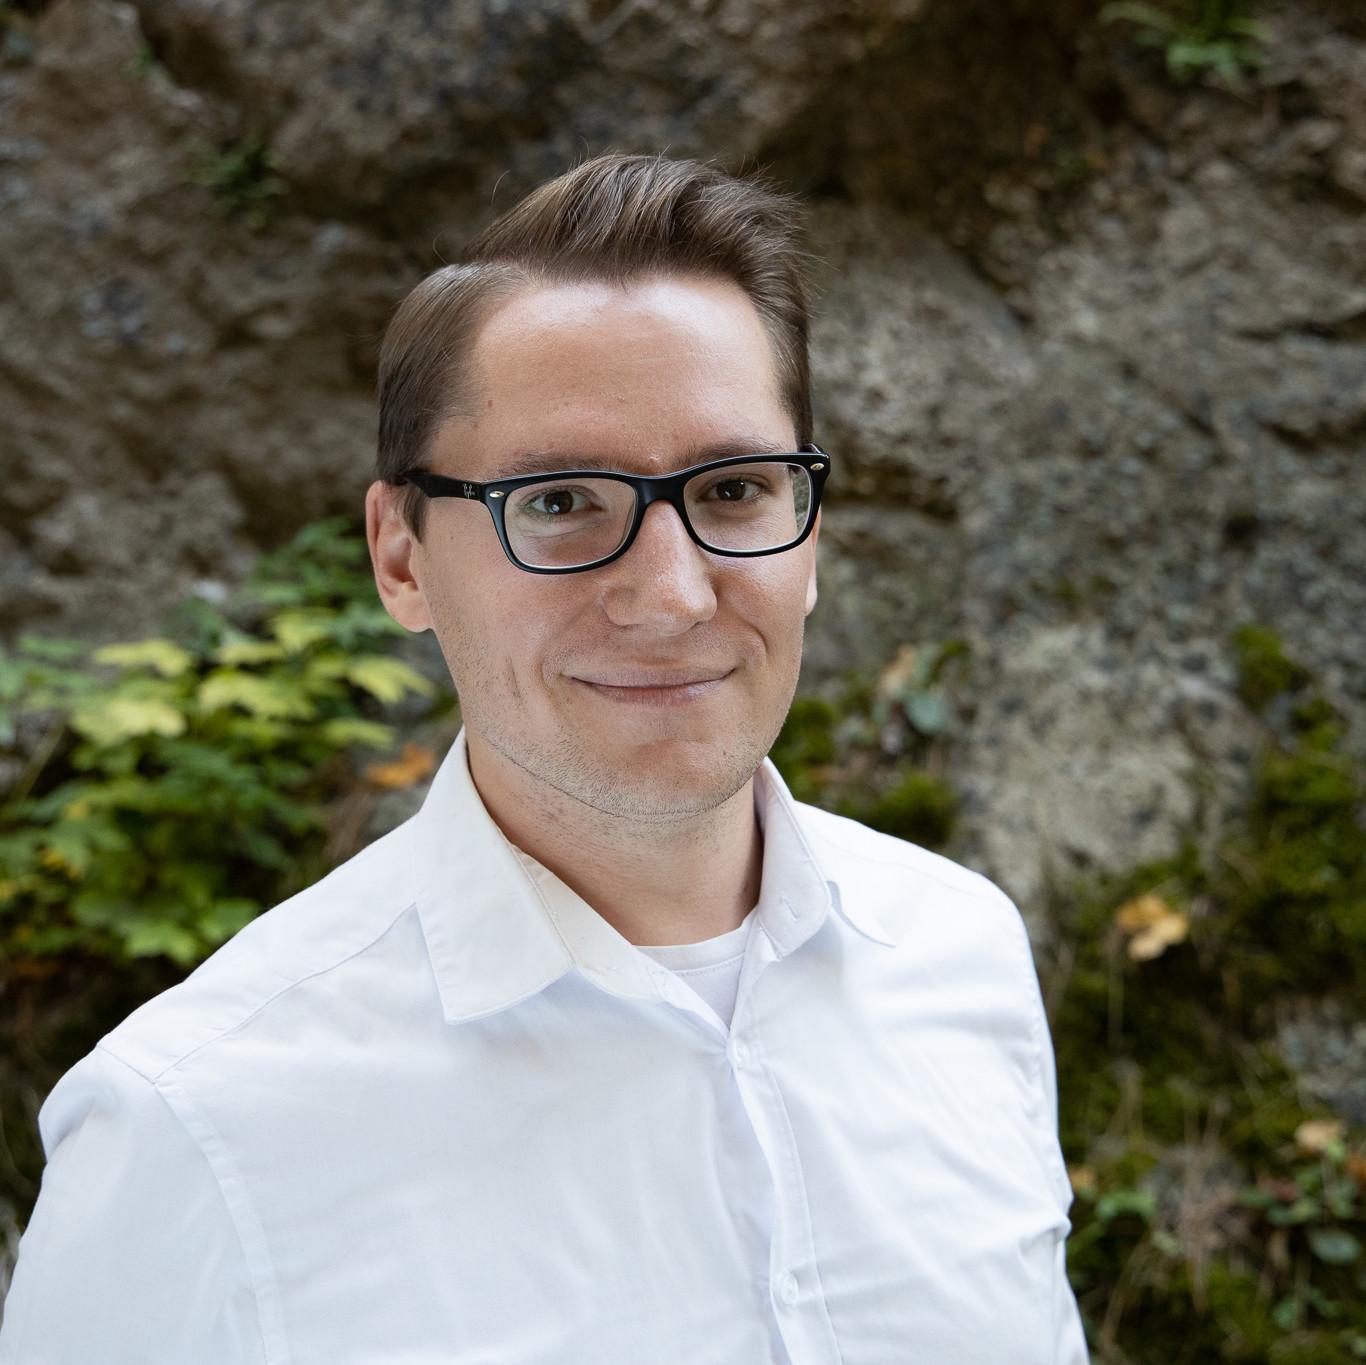 Foto: Clemens Ableidinger